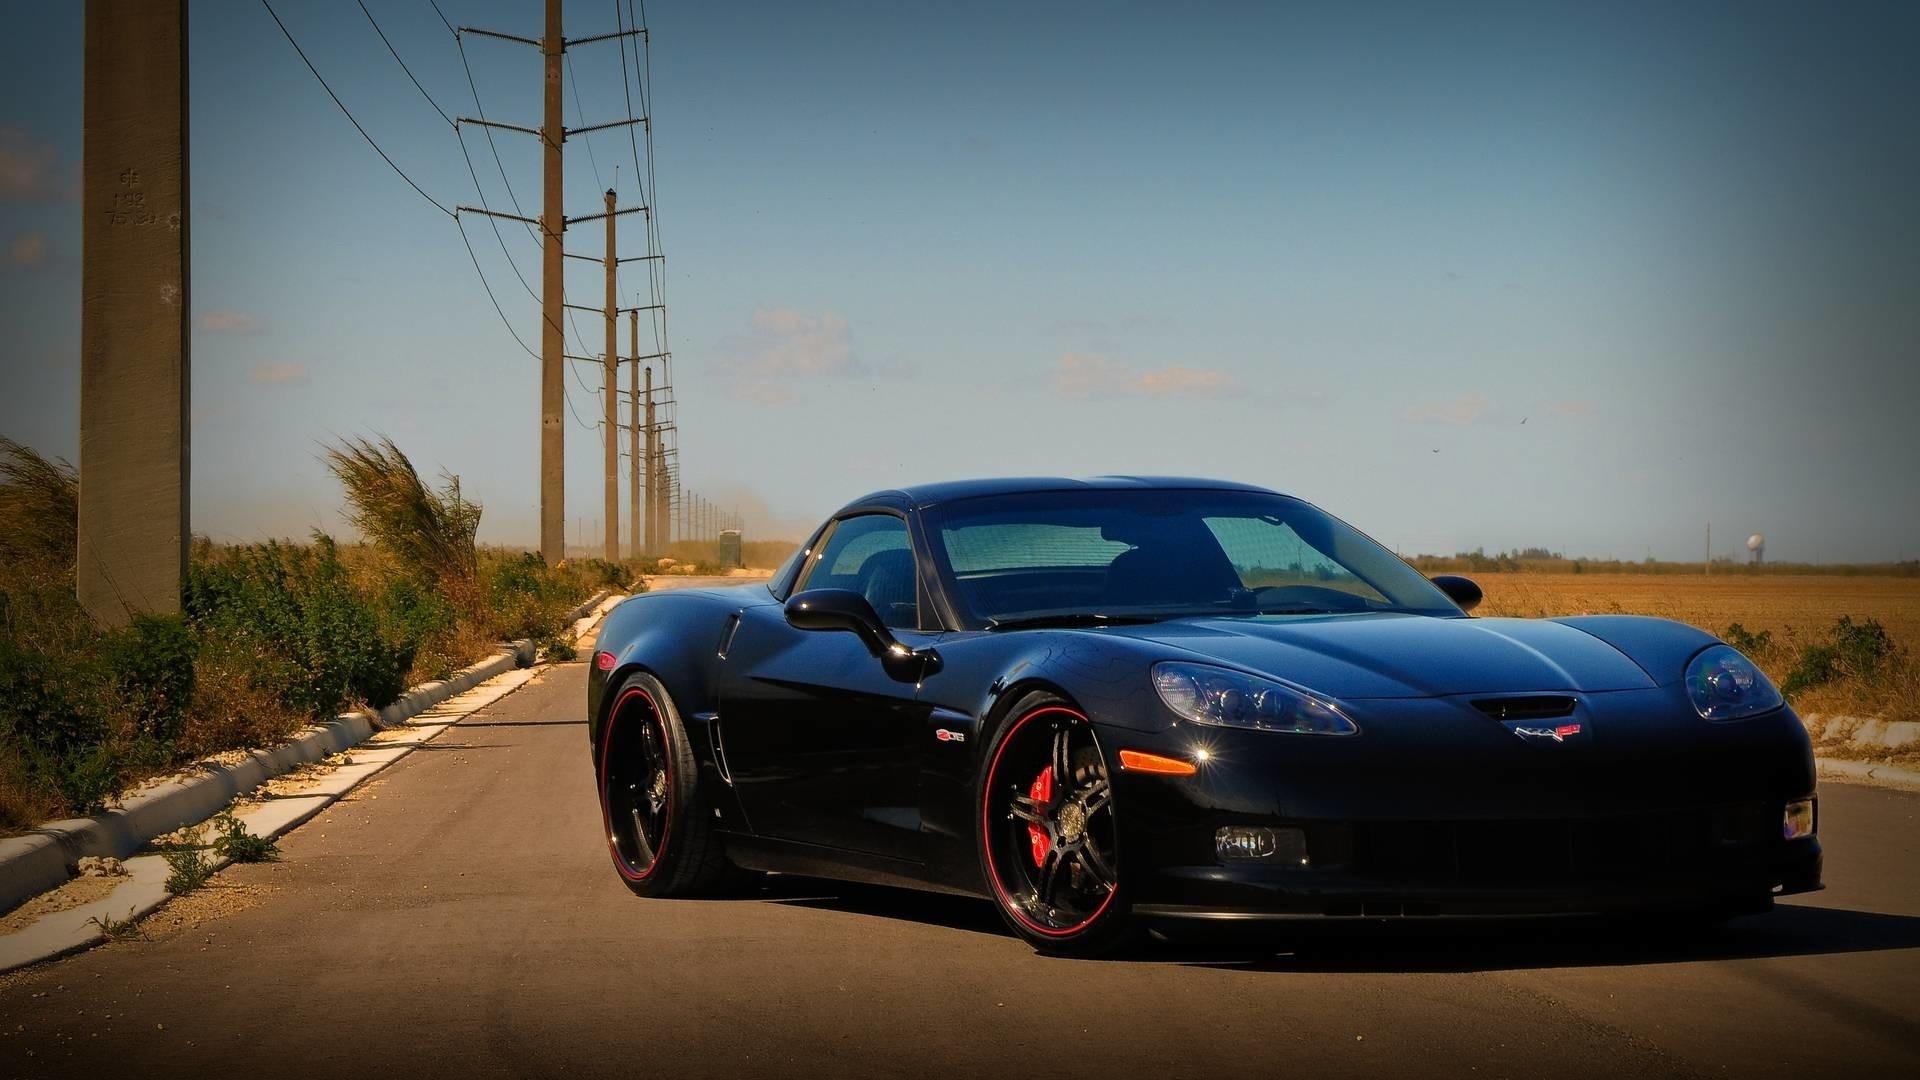 Corvette desktop wallpaper